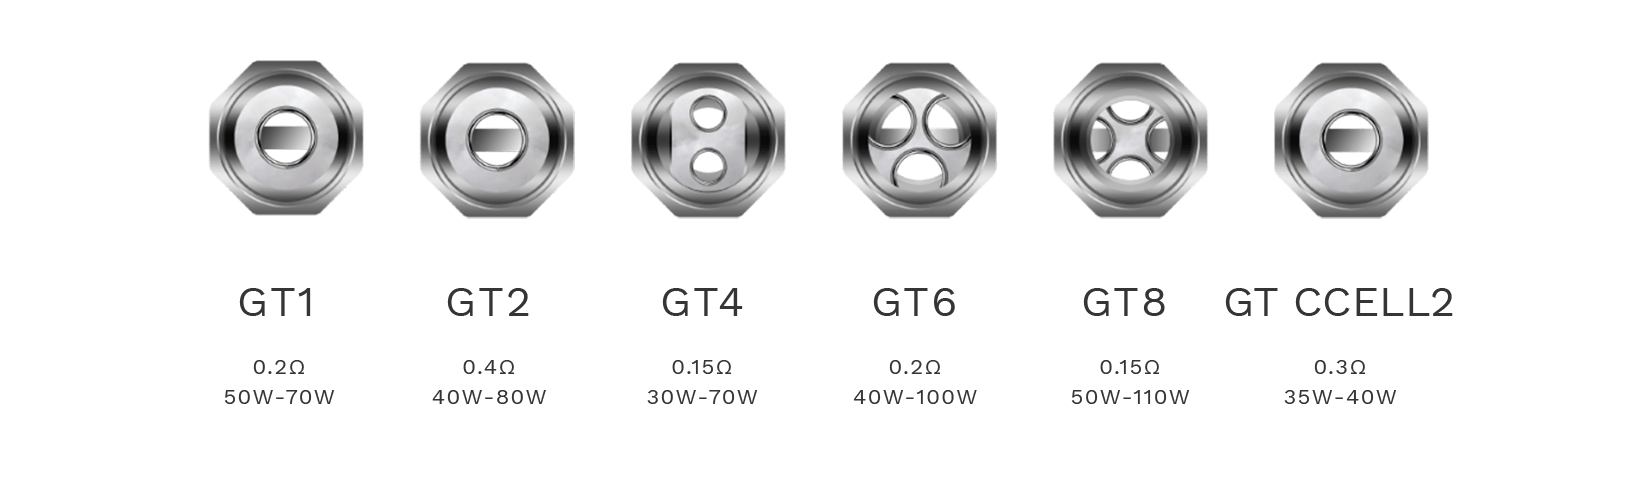 Collection de résistance vaporesso GT core